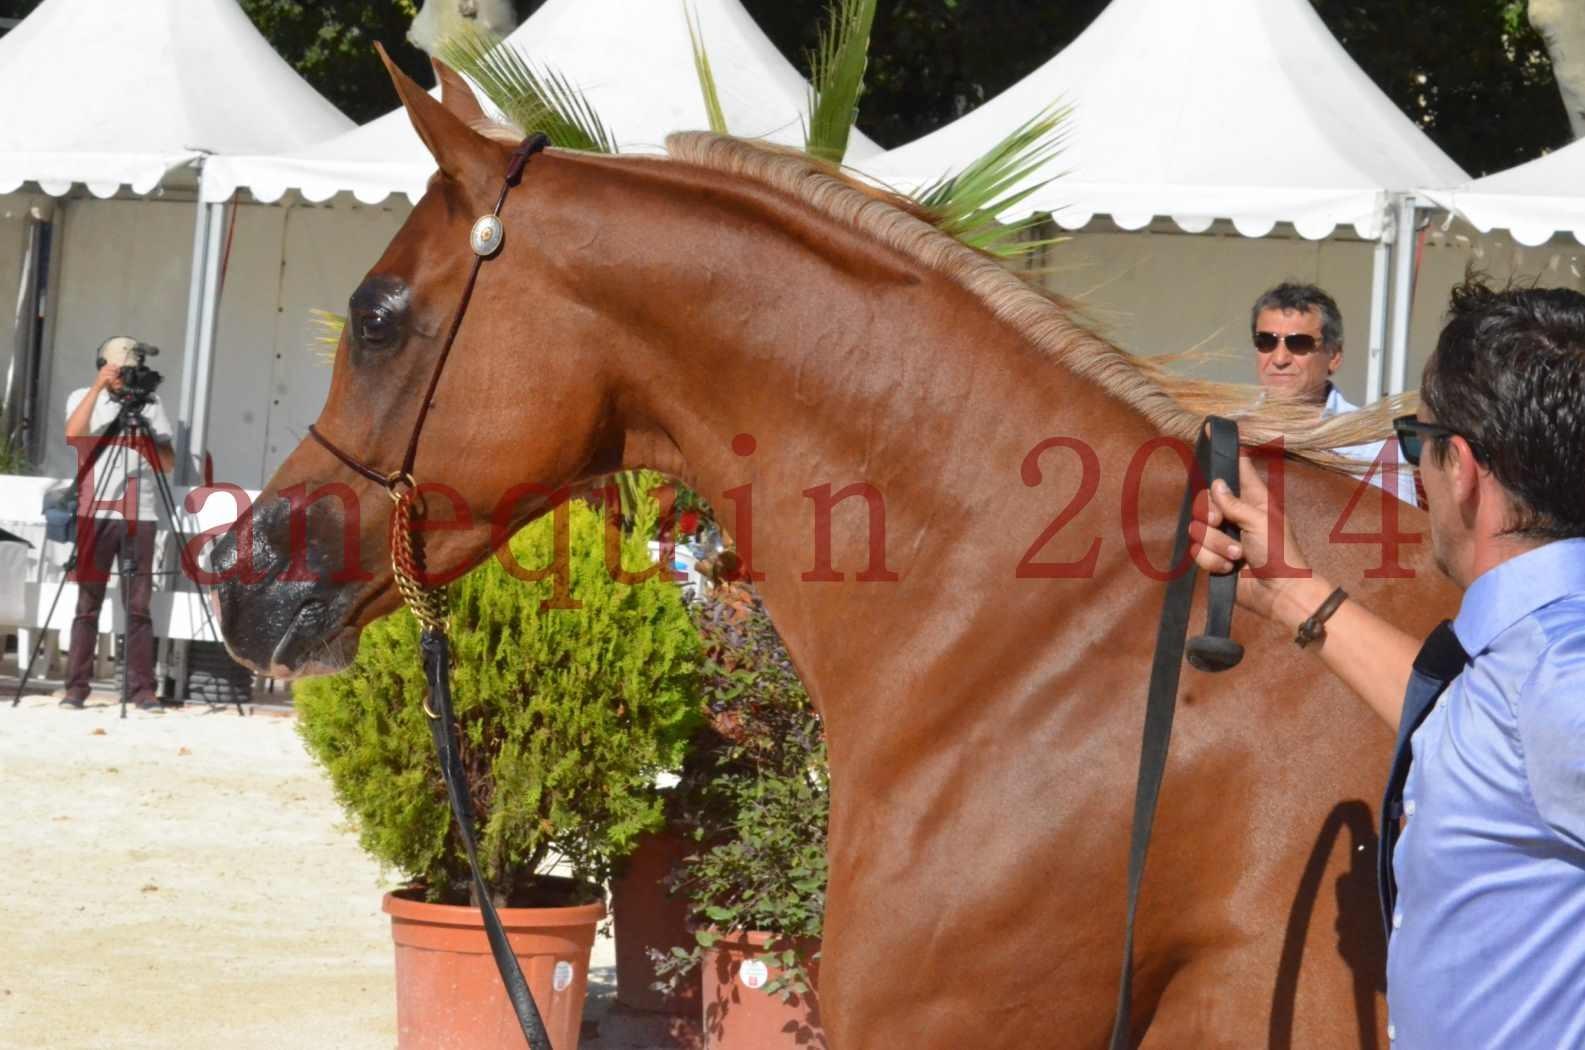 Concours National de Nîmes de chevaux ARABES 2014 - Championnat - MASSAI DE BARREL - 66